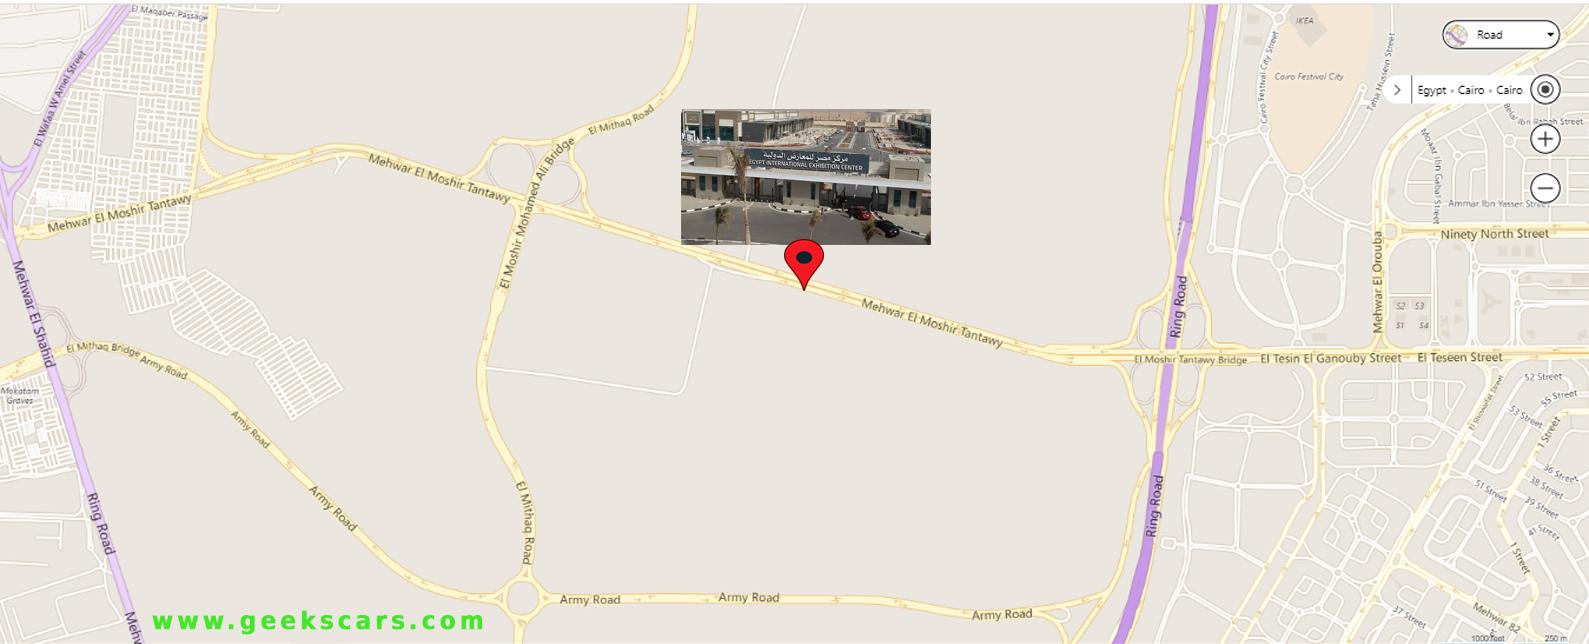 مكان معرض اتوماك فورميلا 2018 على خريطة جوجل